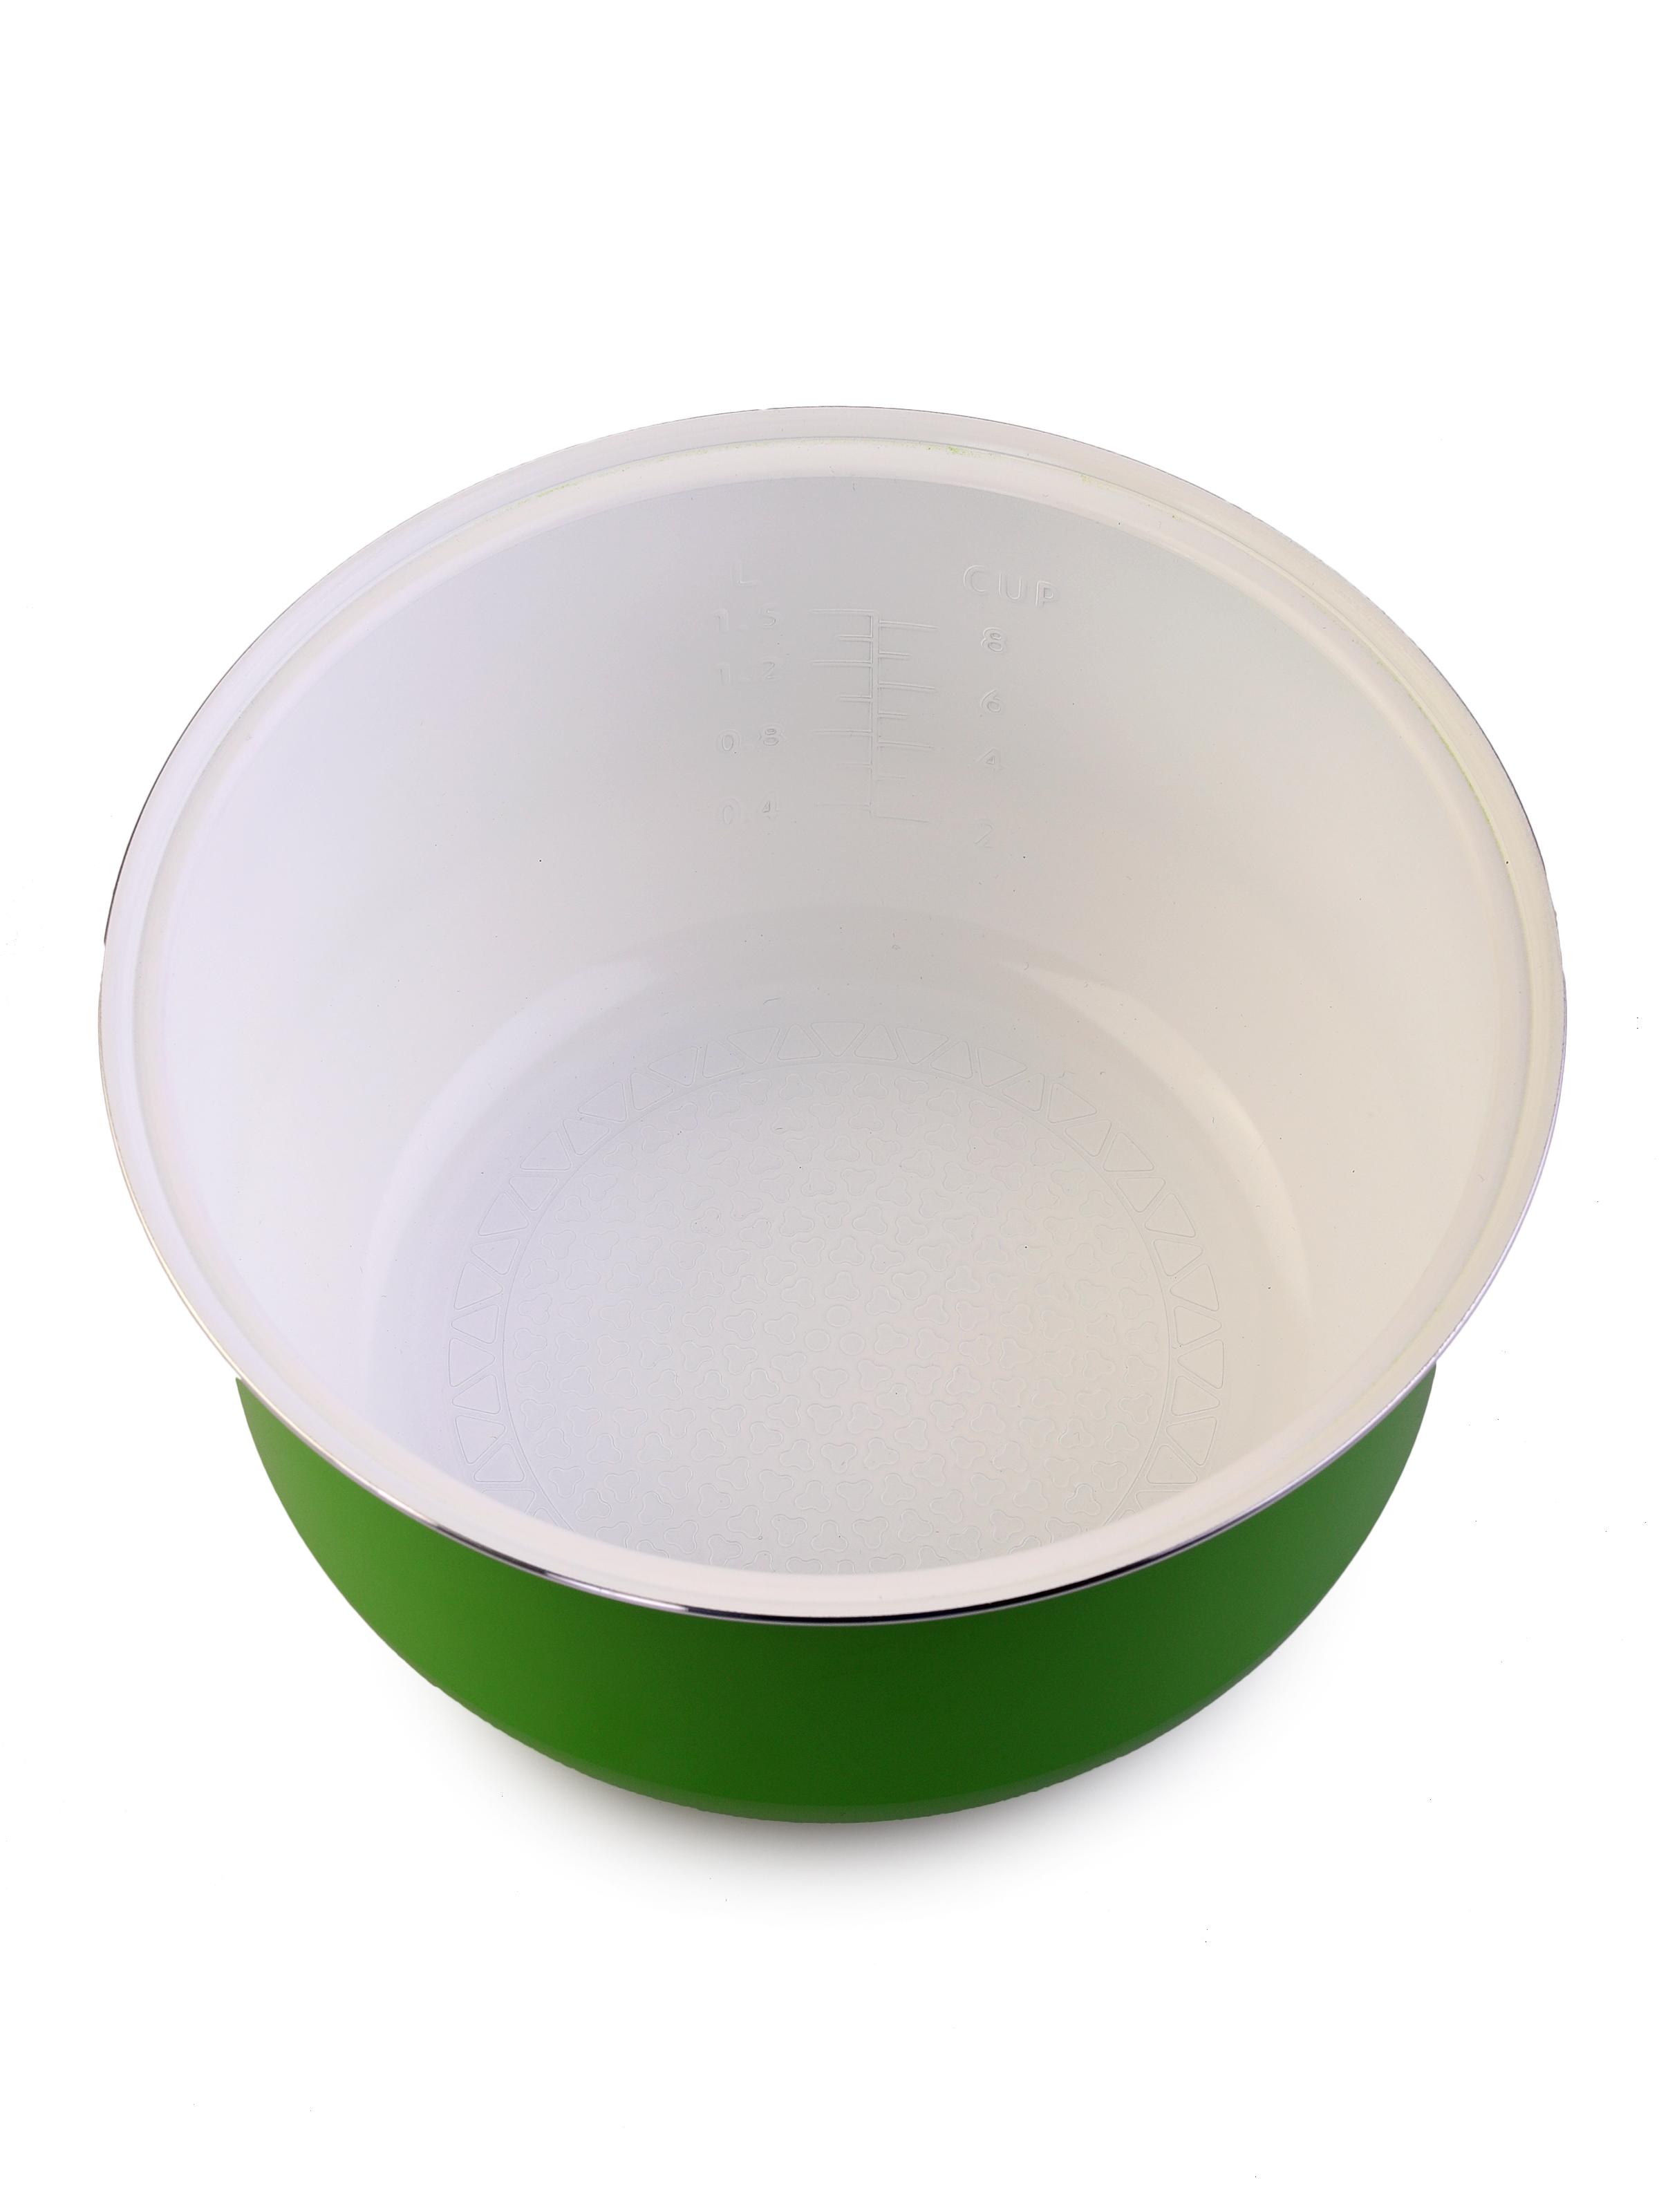 Чаша для мультиварки MARUCHI RW-FZ47-к, зеленый, белый MARUCHI